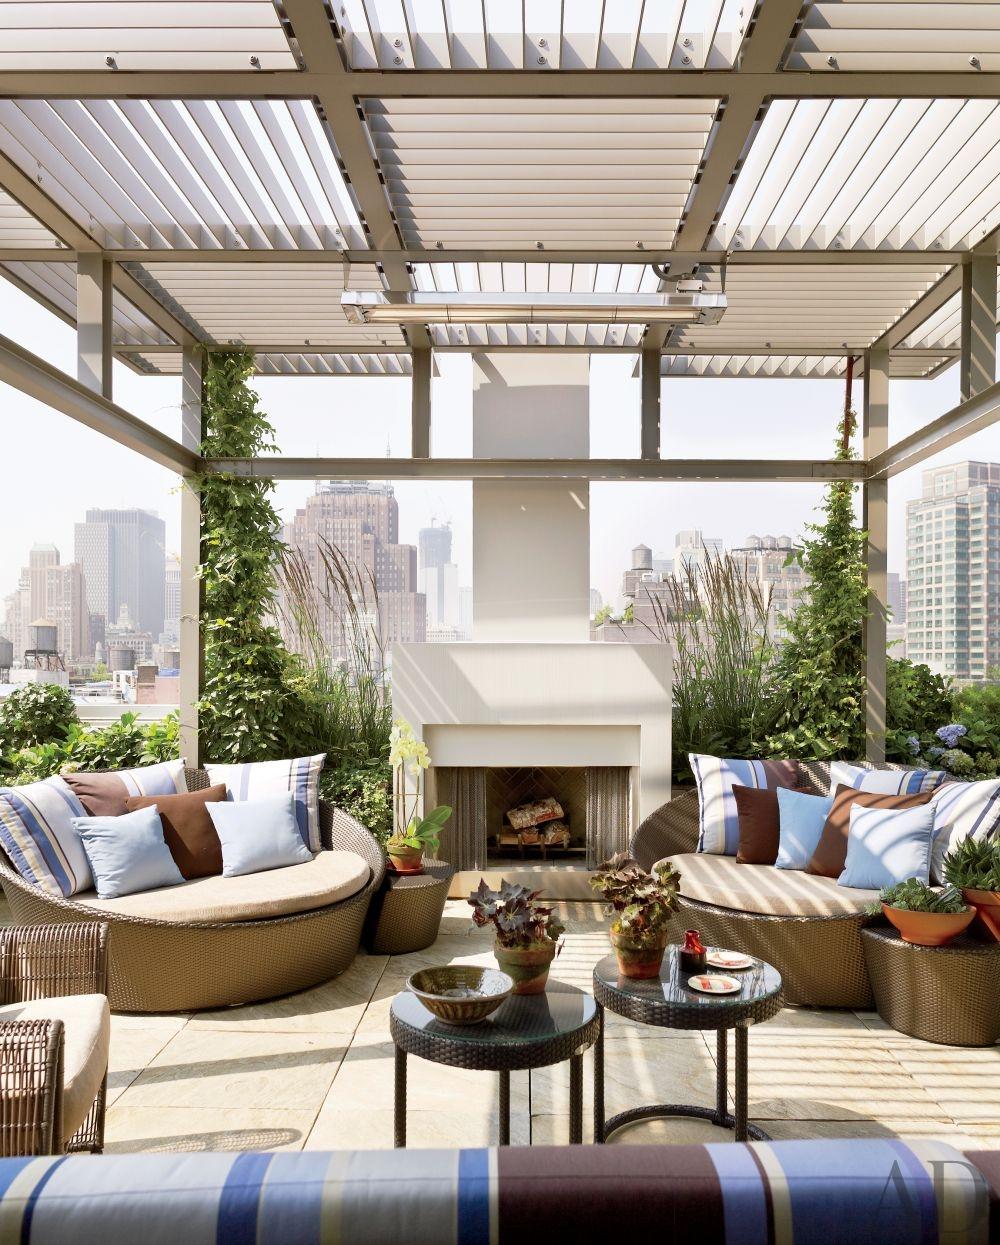 modern-outdoor-space-de-la-torre-design-studio-new-york-new-york